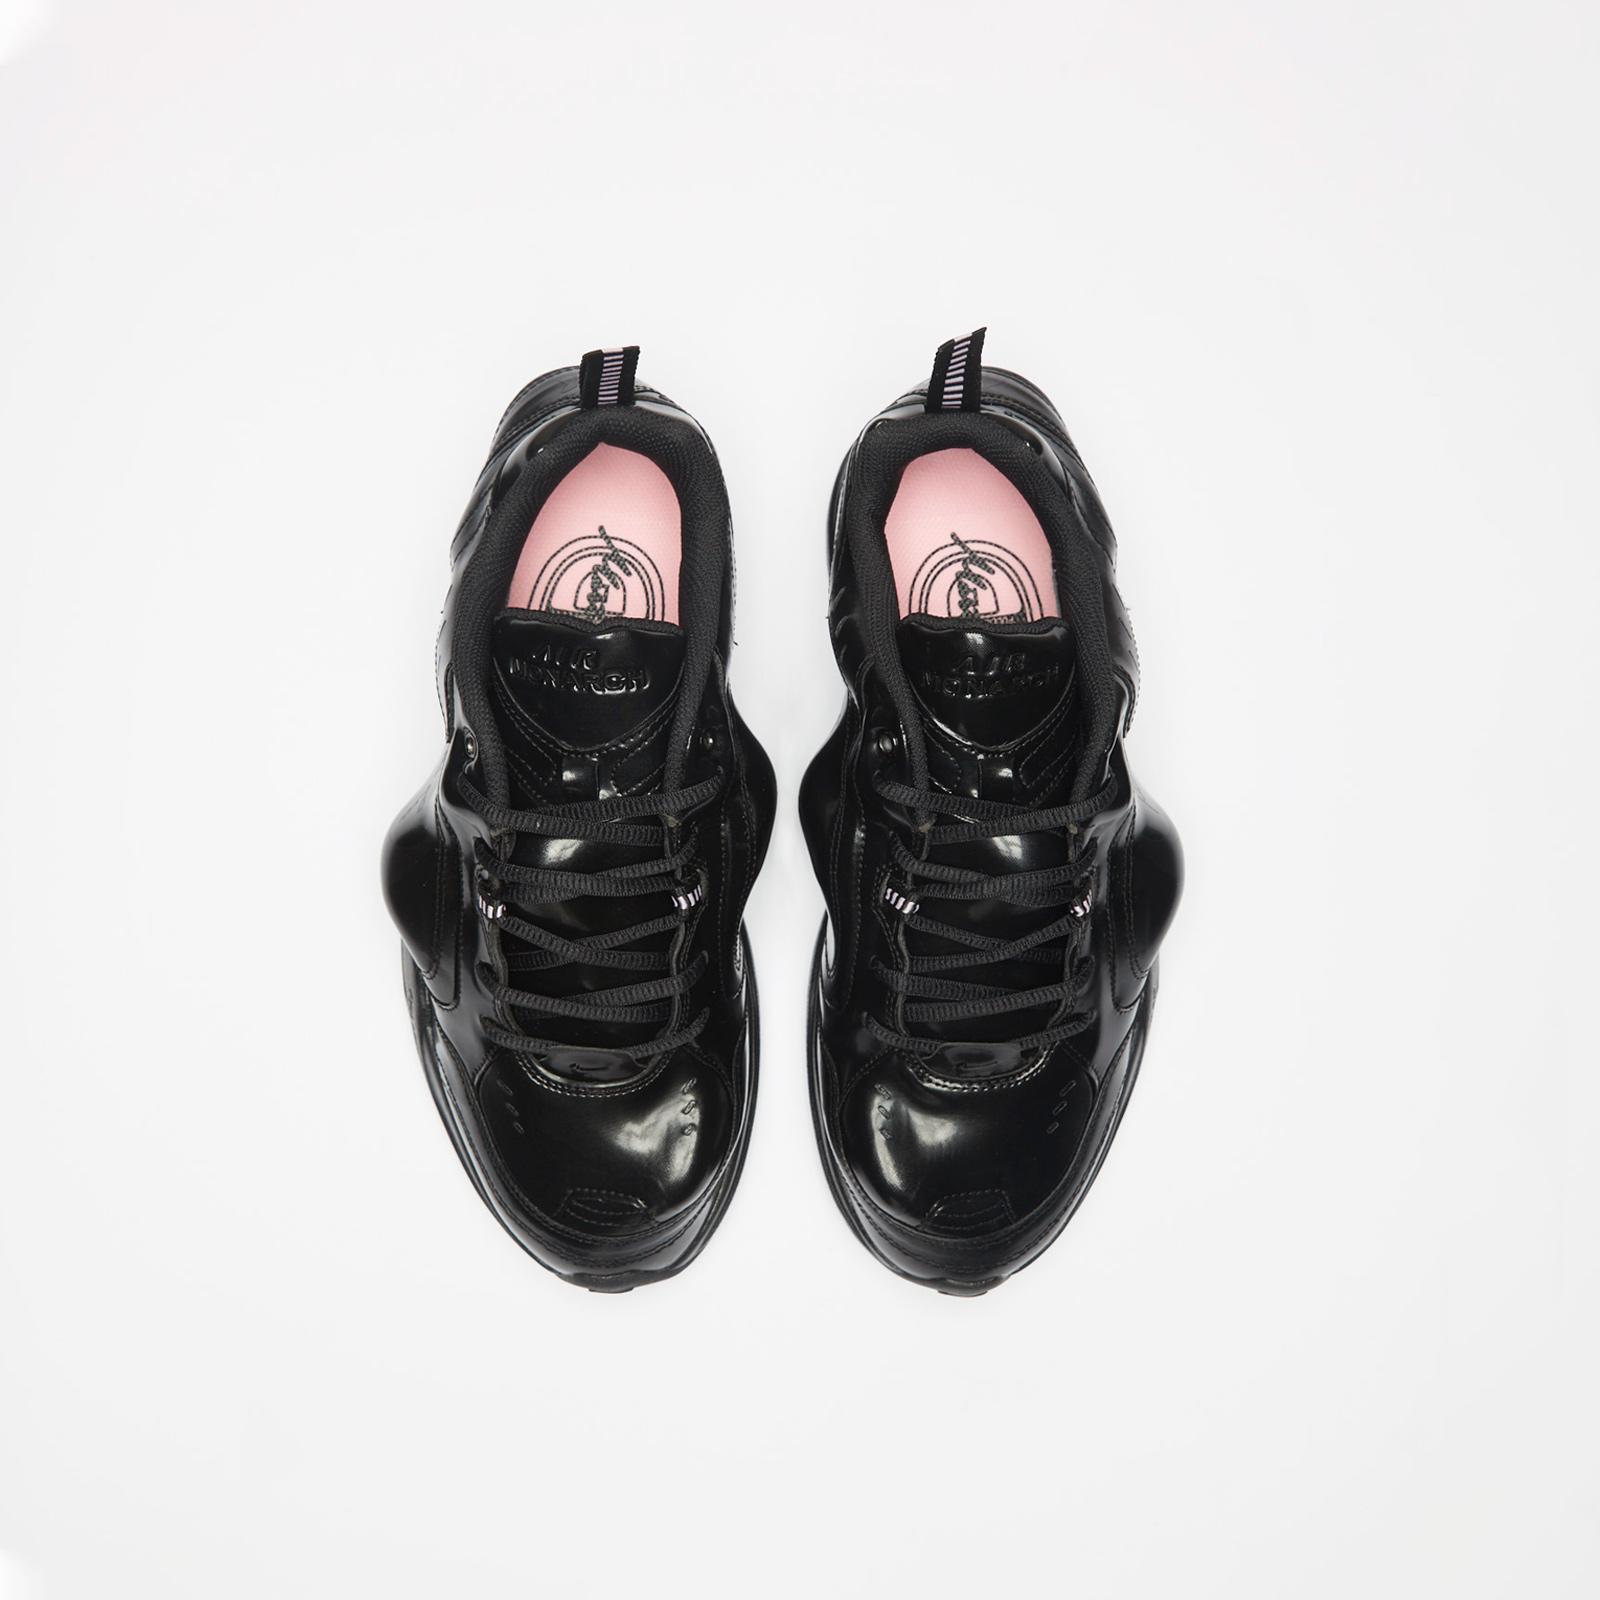 super cute 2e182 f56a2 Nike Air Monarch IV   Martine Rose - At3147-001 - Sneakersnstuff ...